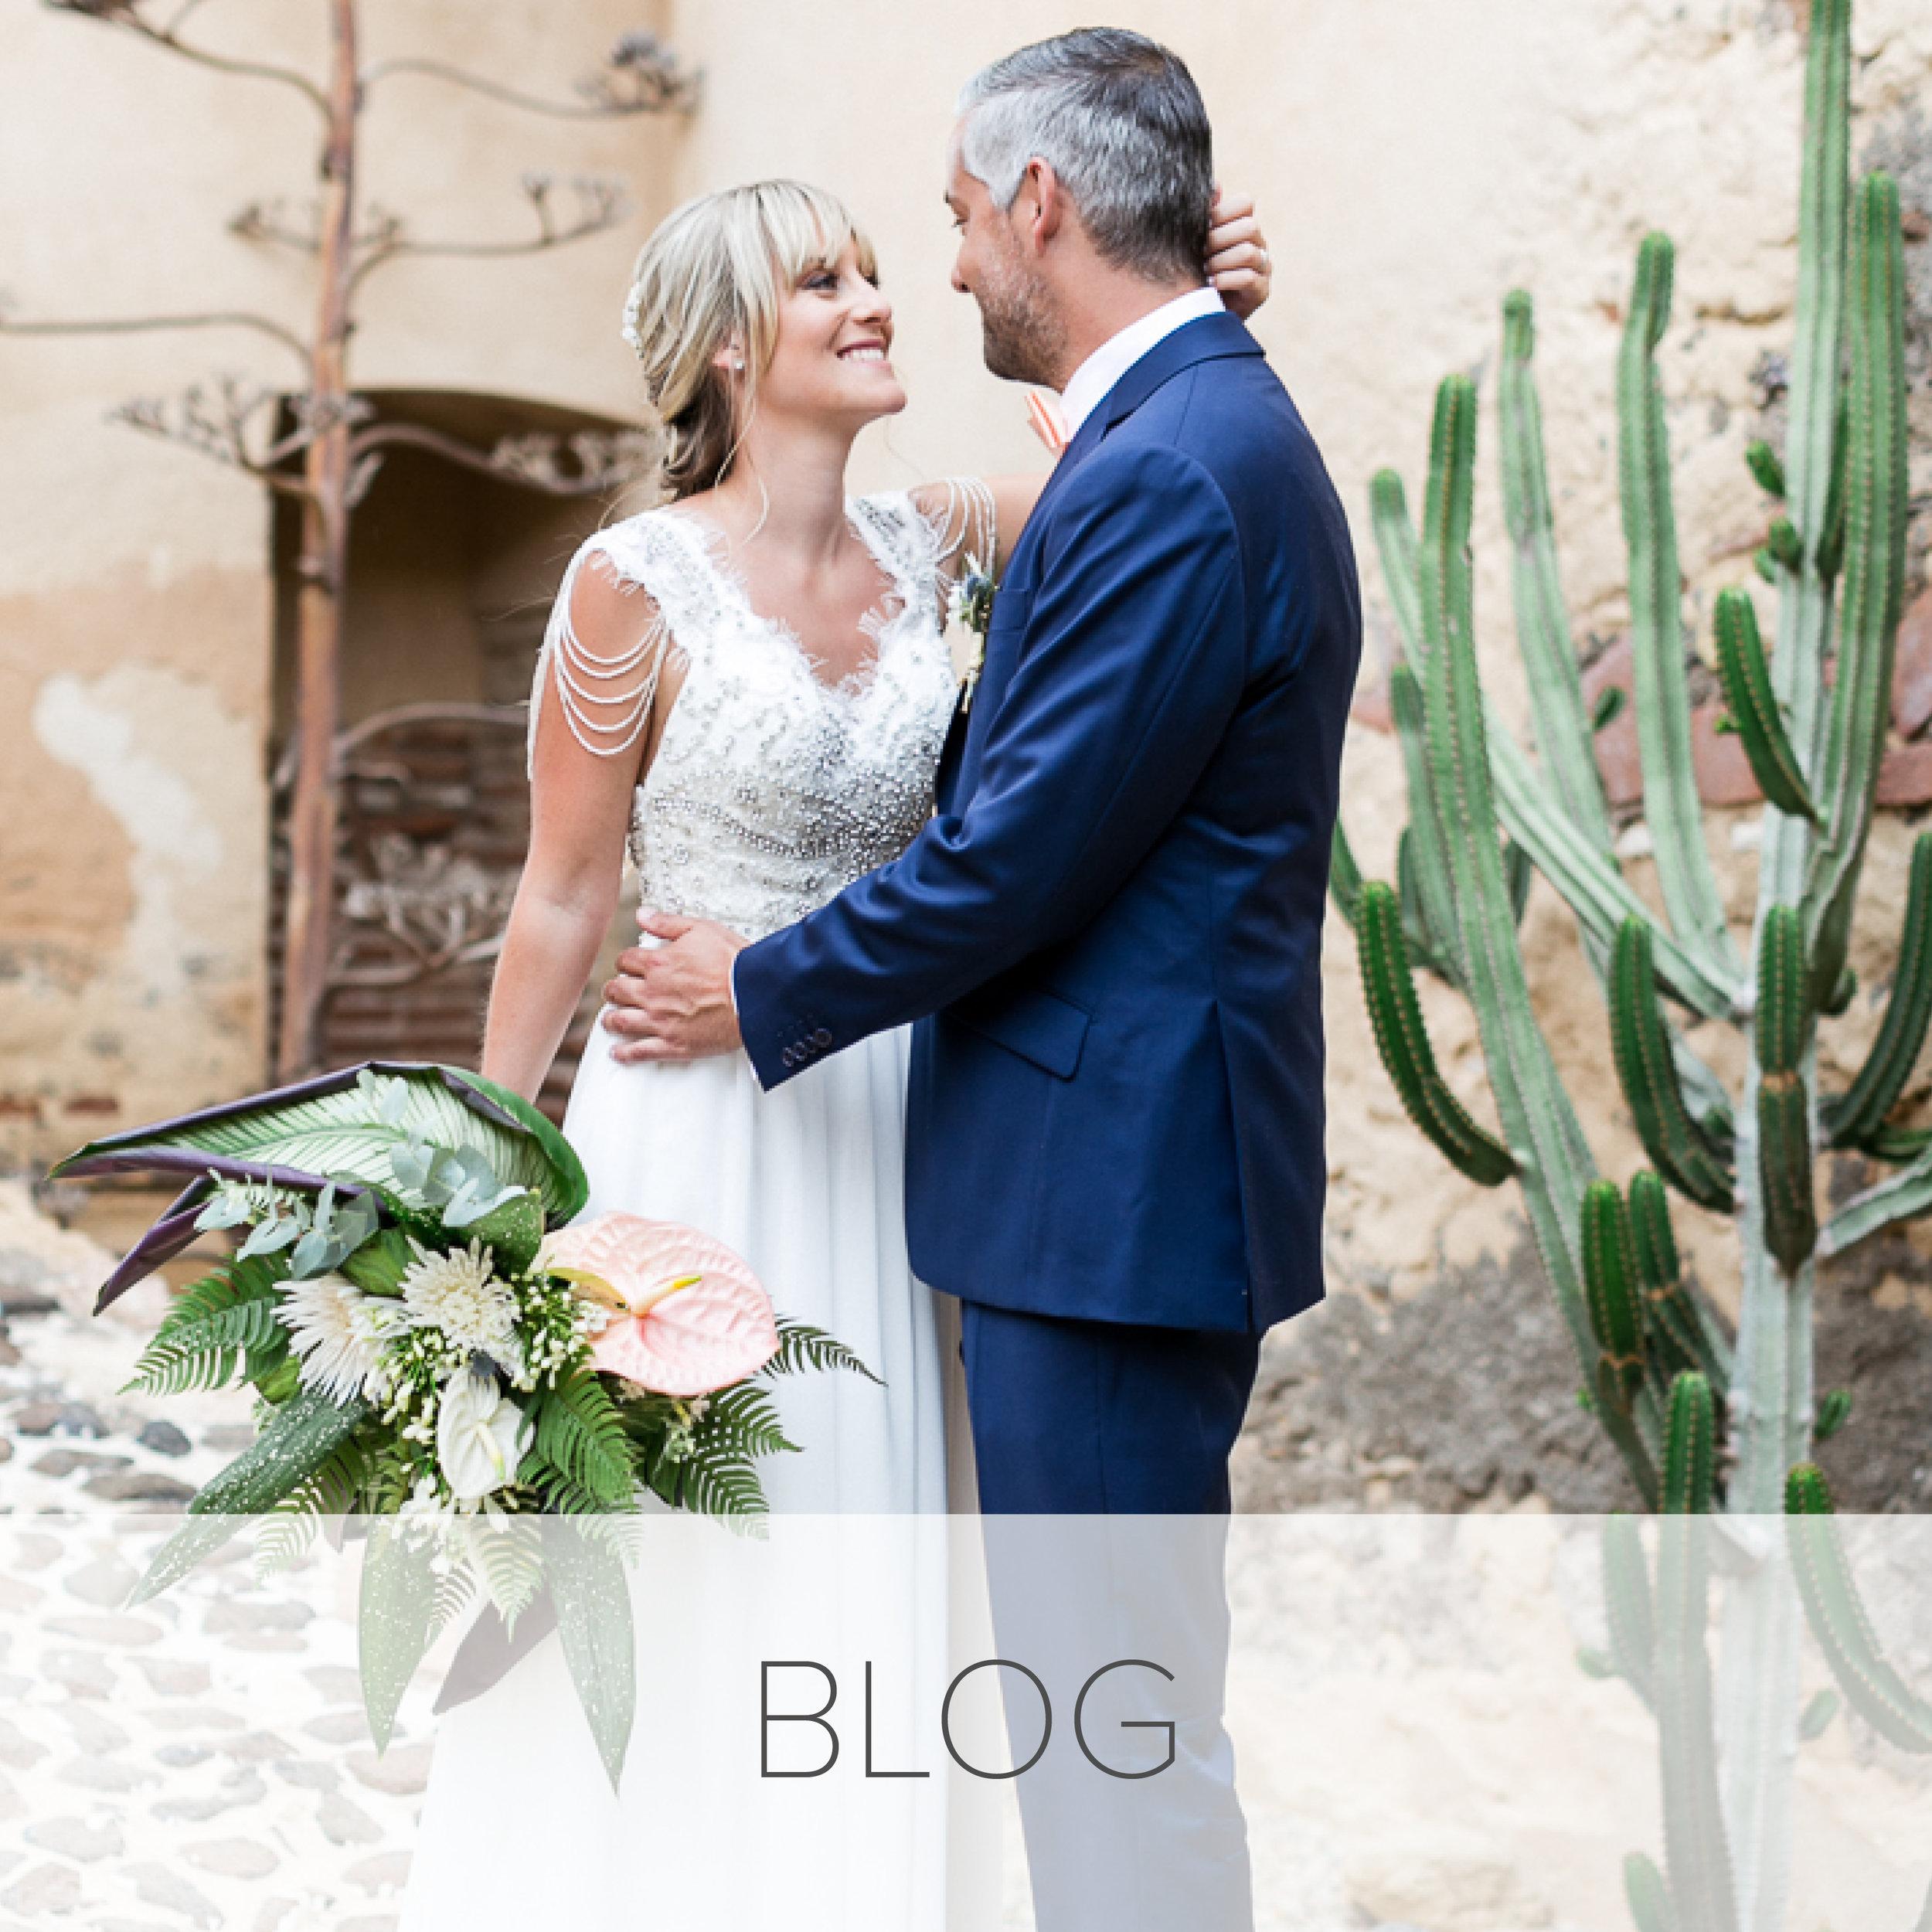 blog-susanne_wysocki-wedding-spanien.jpg